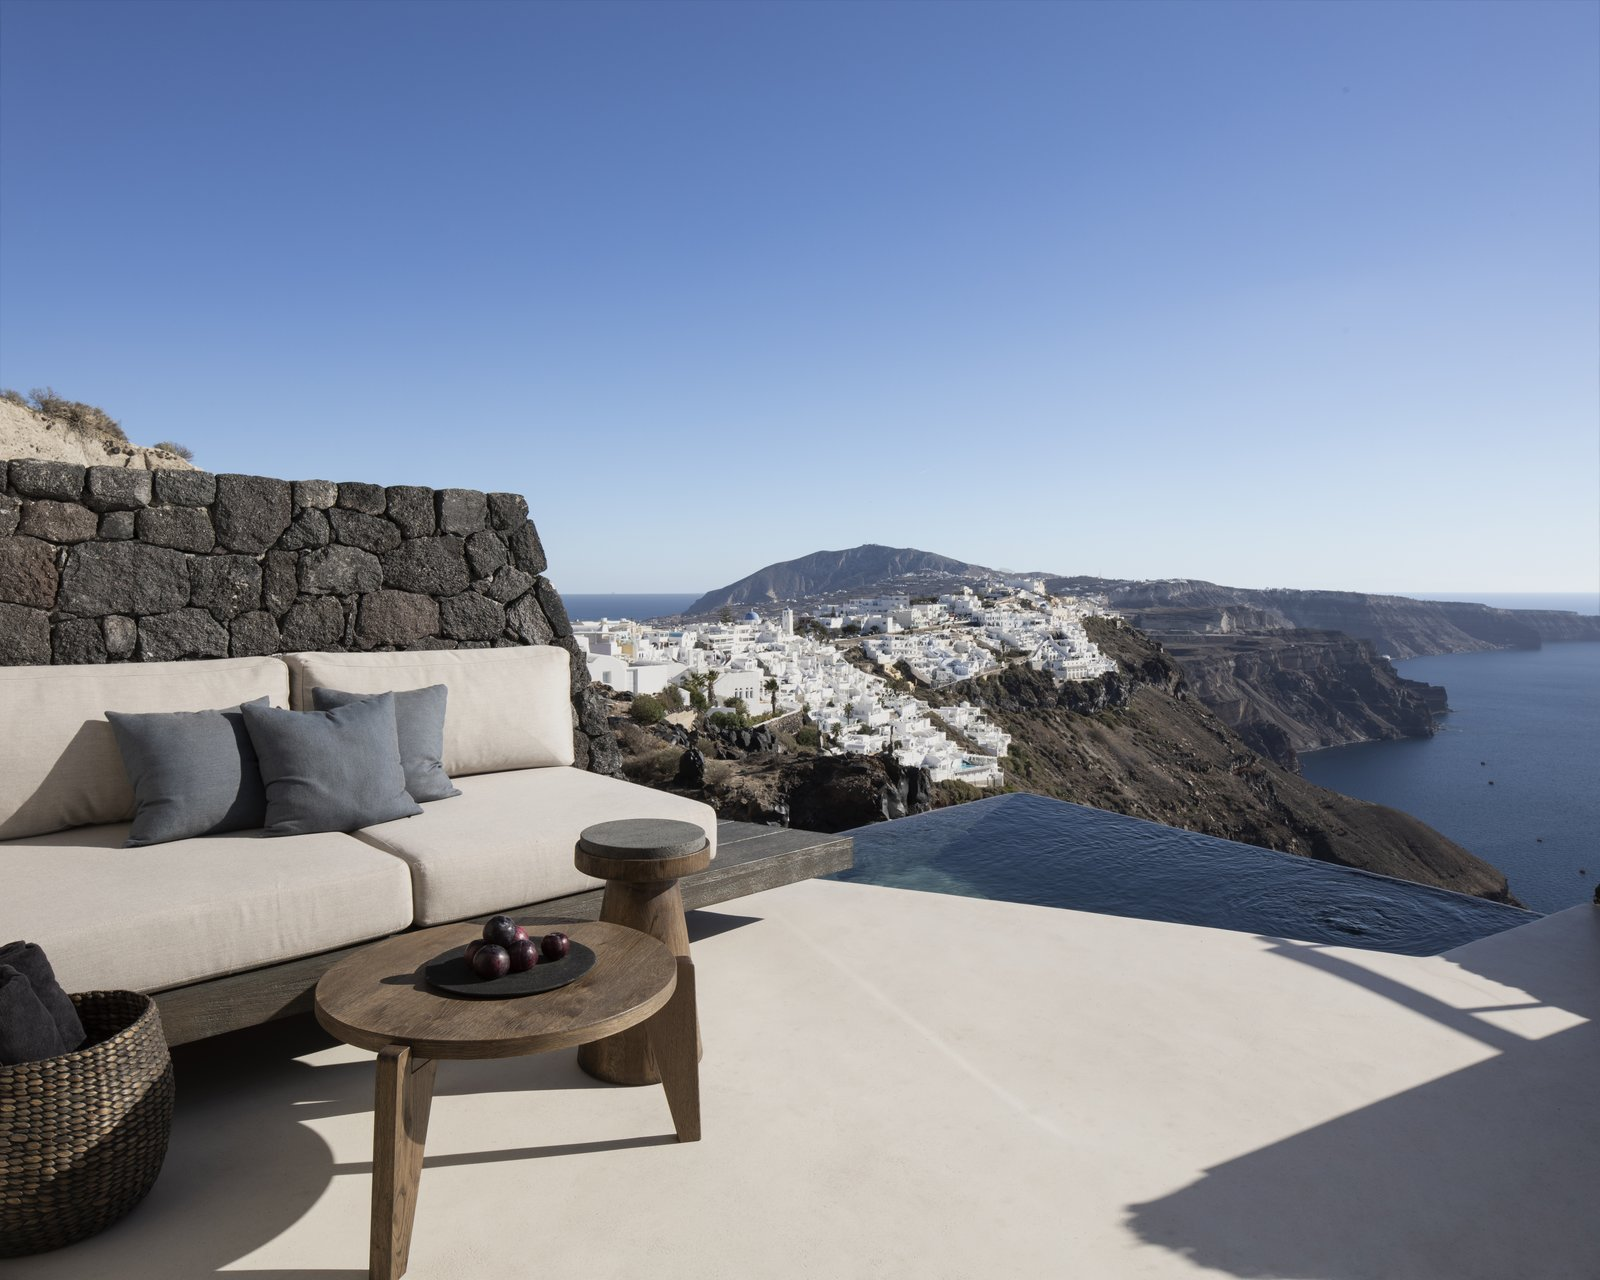 Vora Santorini